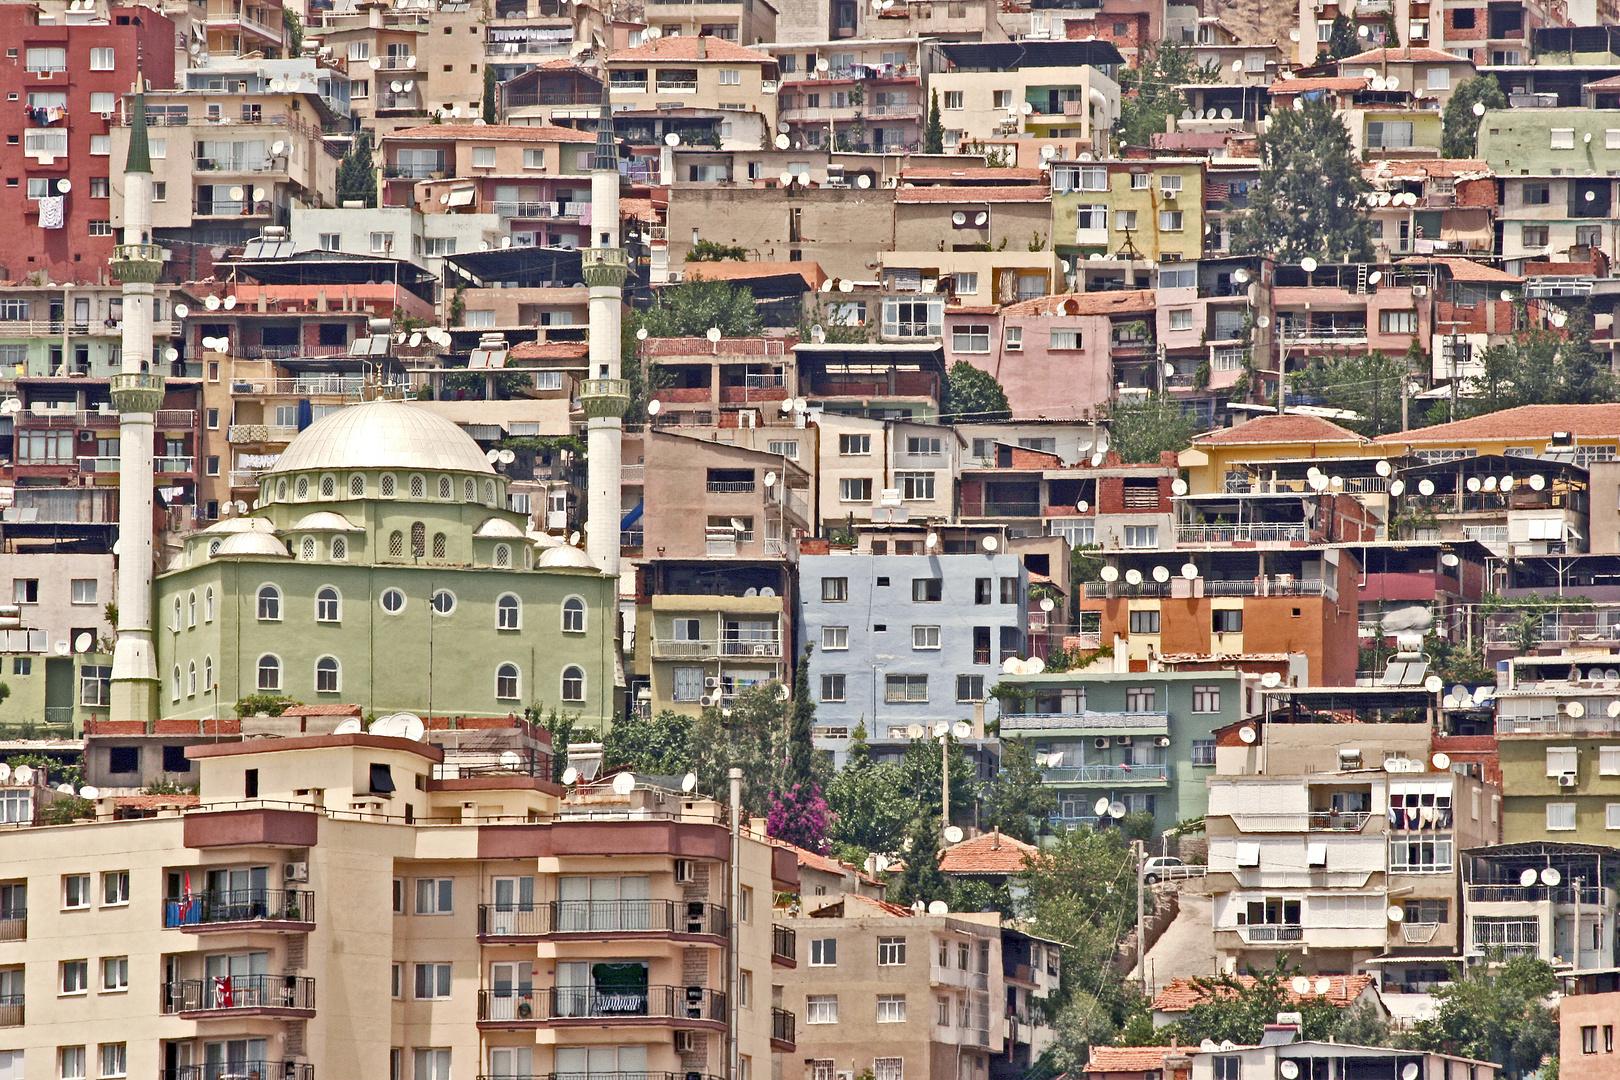 Auf Empfang in Izmir